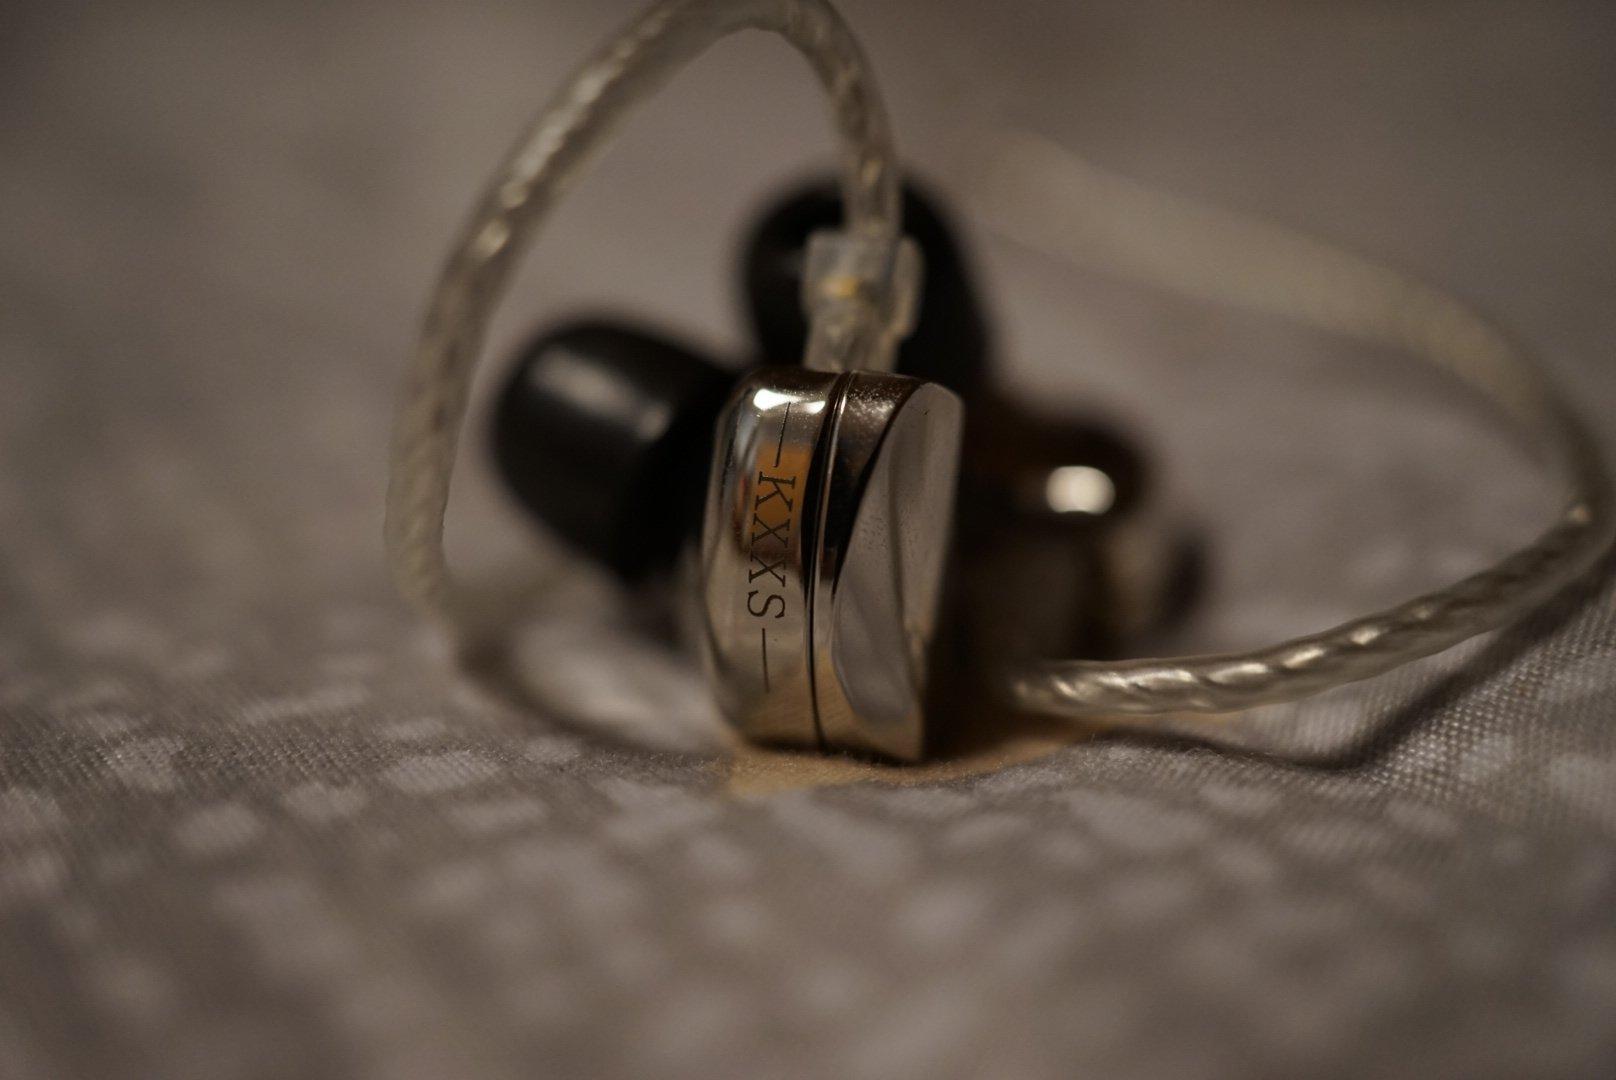 水月雨HIFI发烧女毒耳机,1000元左右送男朋友礼物